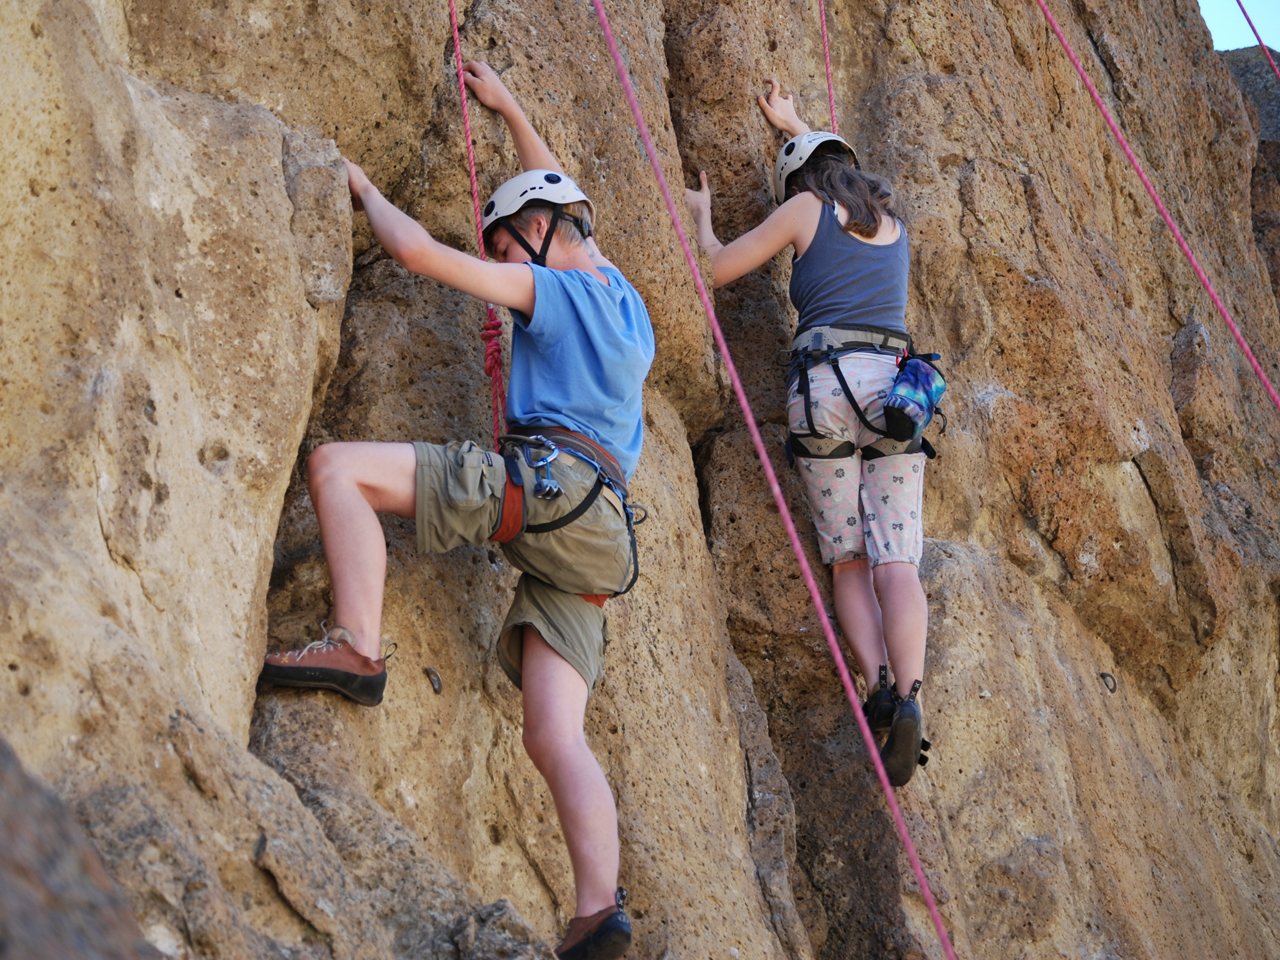 Top Ten Outdoor Recreational Activities